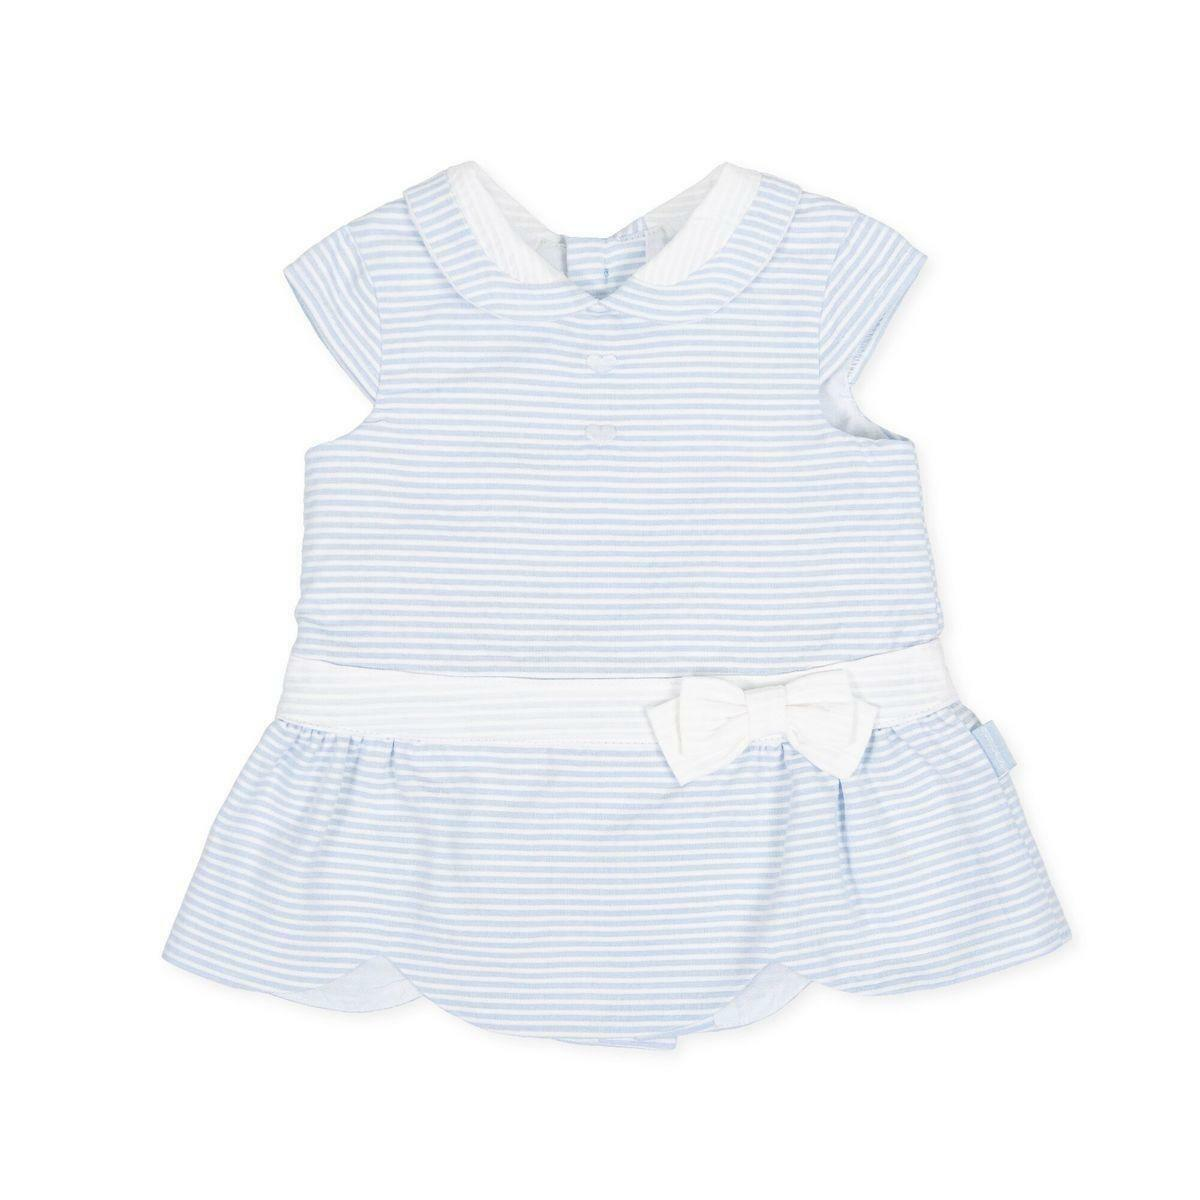 tutto piccolo tutto piccolo vestitino neonato azzurro 8212s20/b01